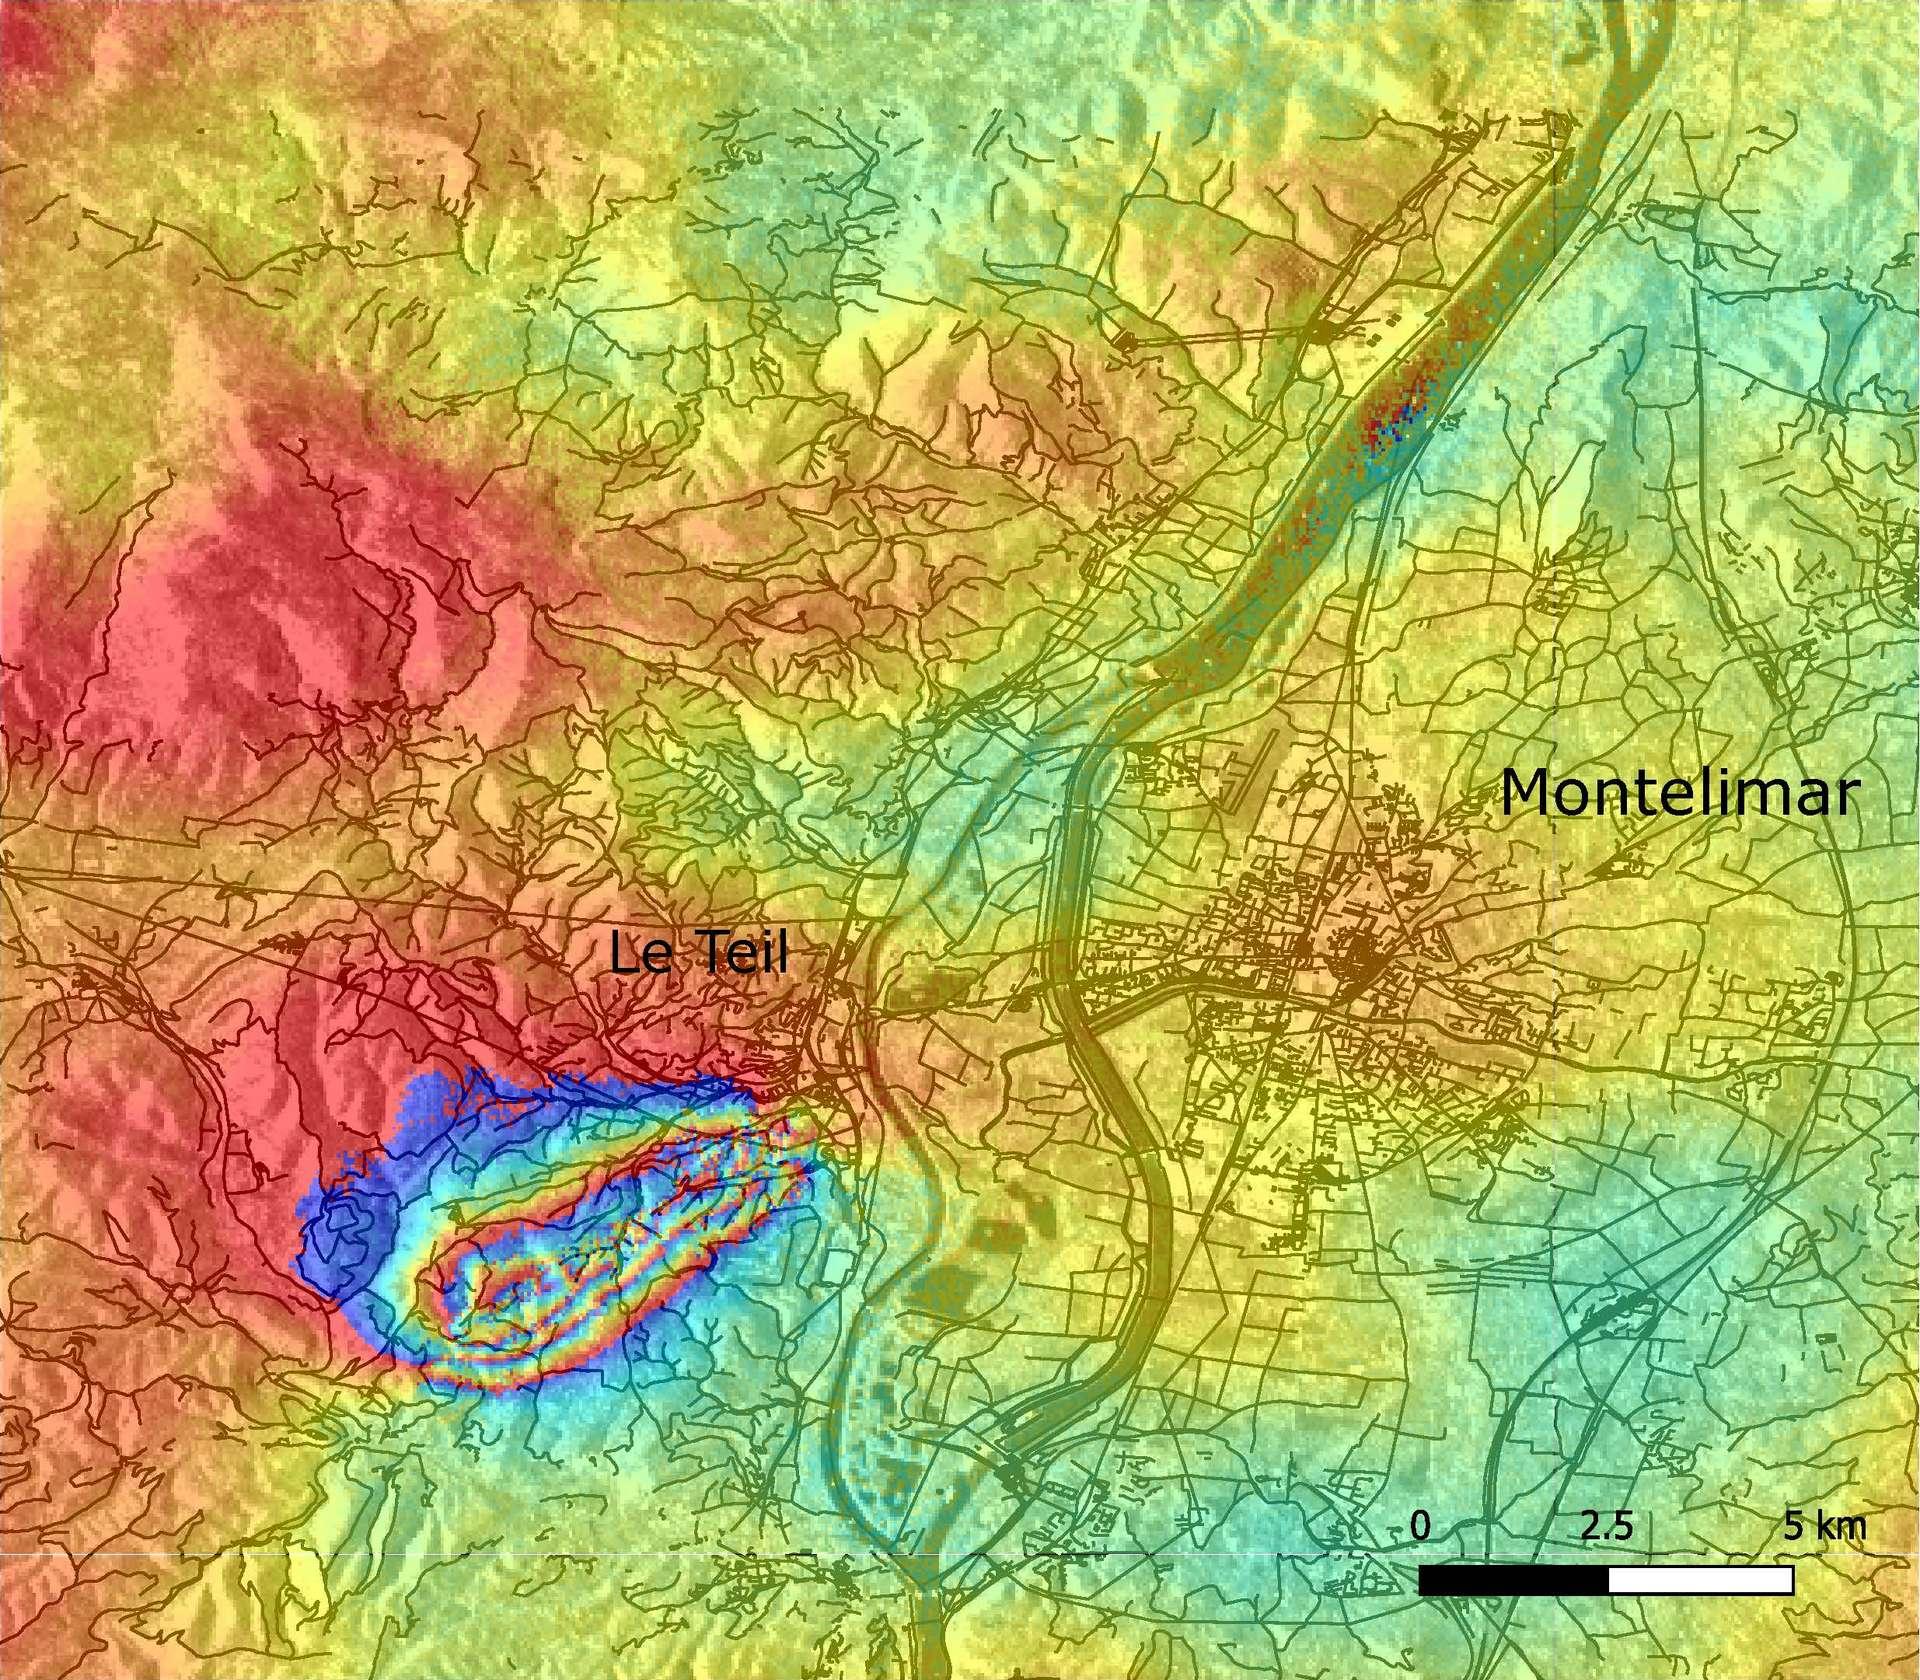 Les scientifiques ont pu identifier à partir des données de Sentinel-1 acquises entre le 6 et le 12 novembre, la faille à l'origine du séisme de magnitude 5 qui a secoué la région Auvergne-Rhône-Alpes le 11 novembre. © Copernicus Sentinel data (2019), BRGM